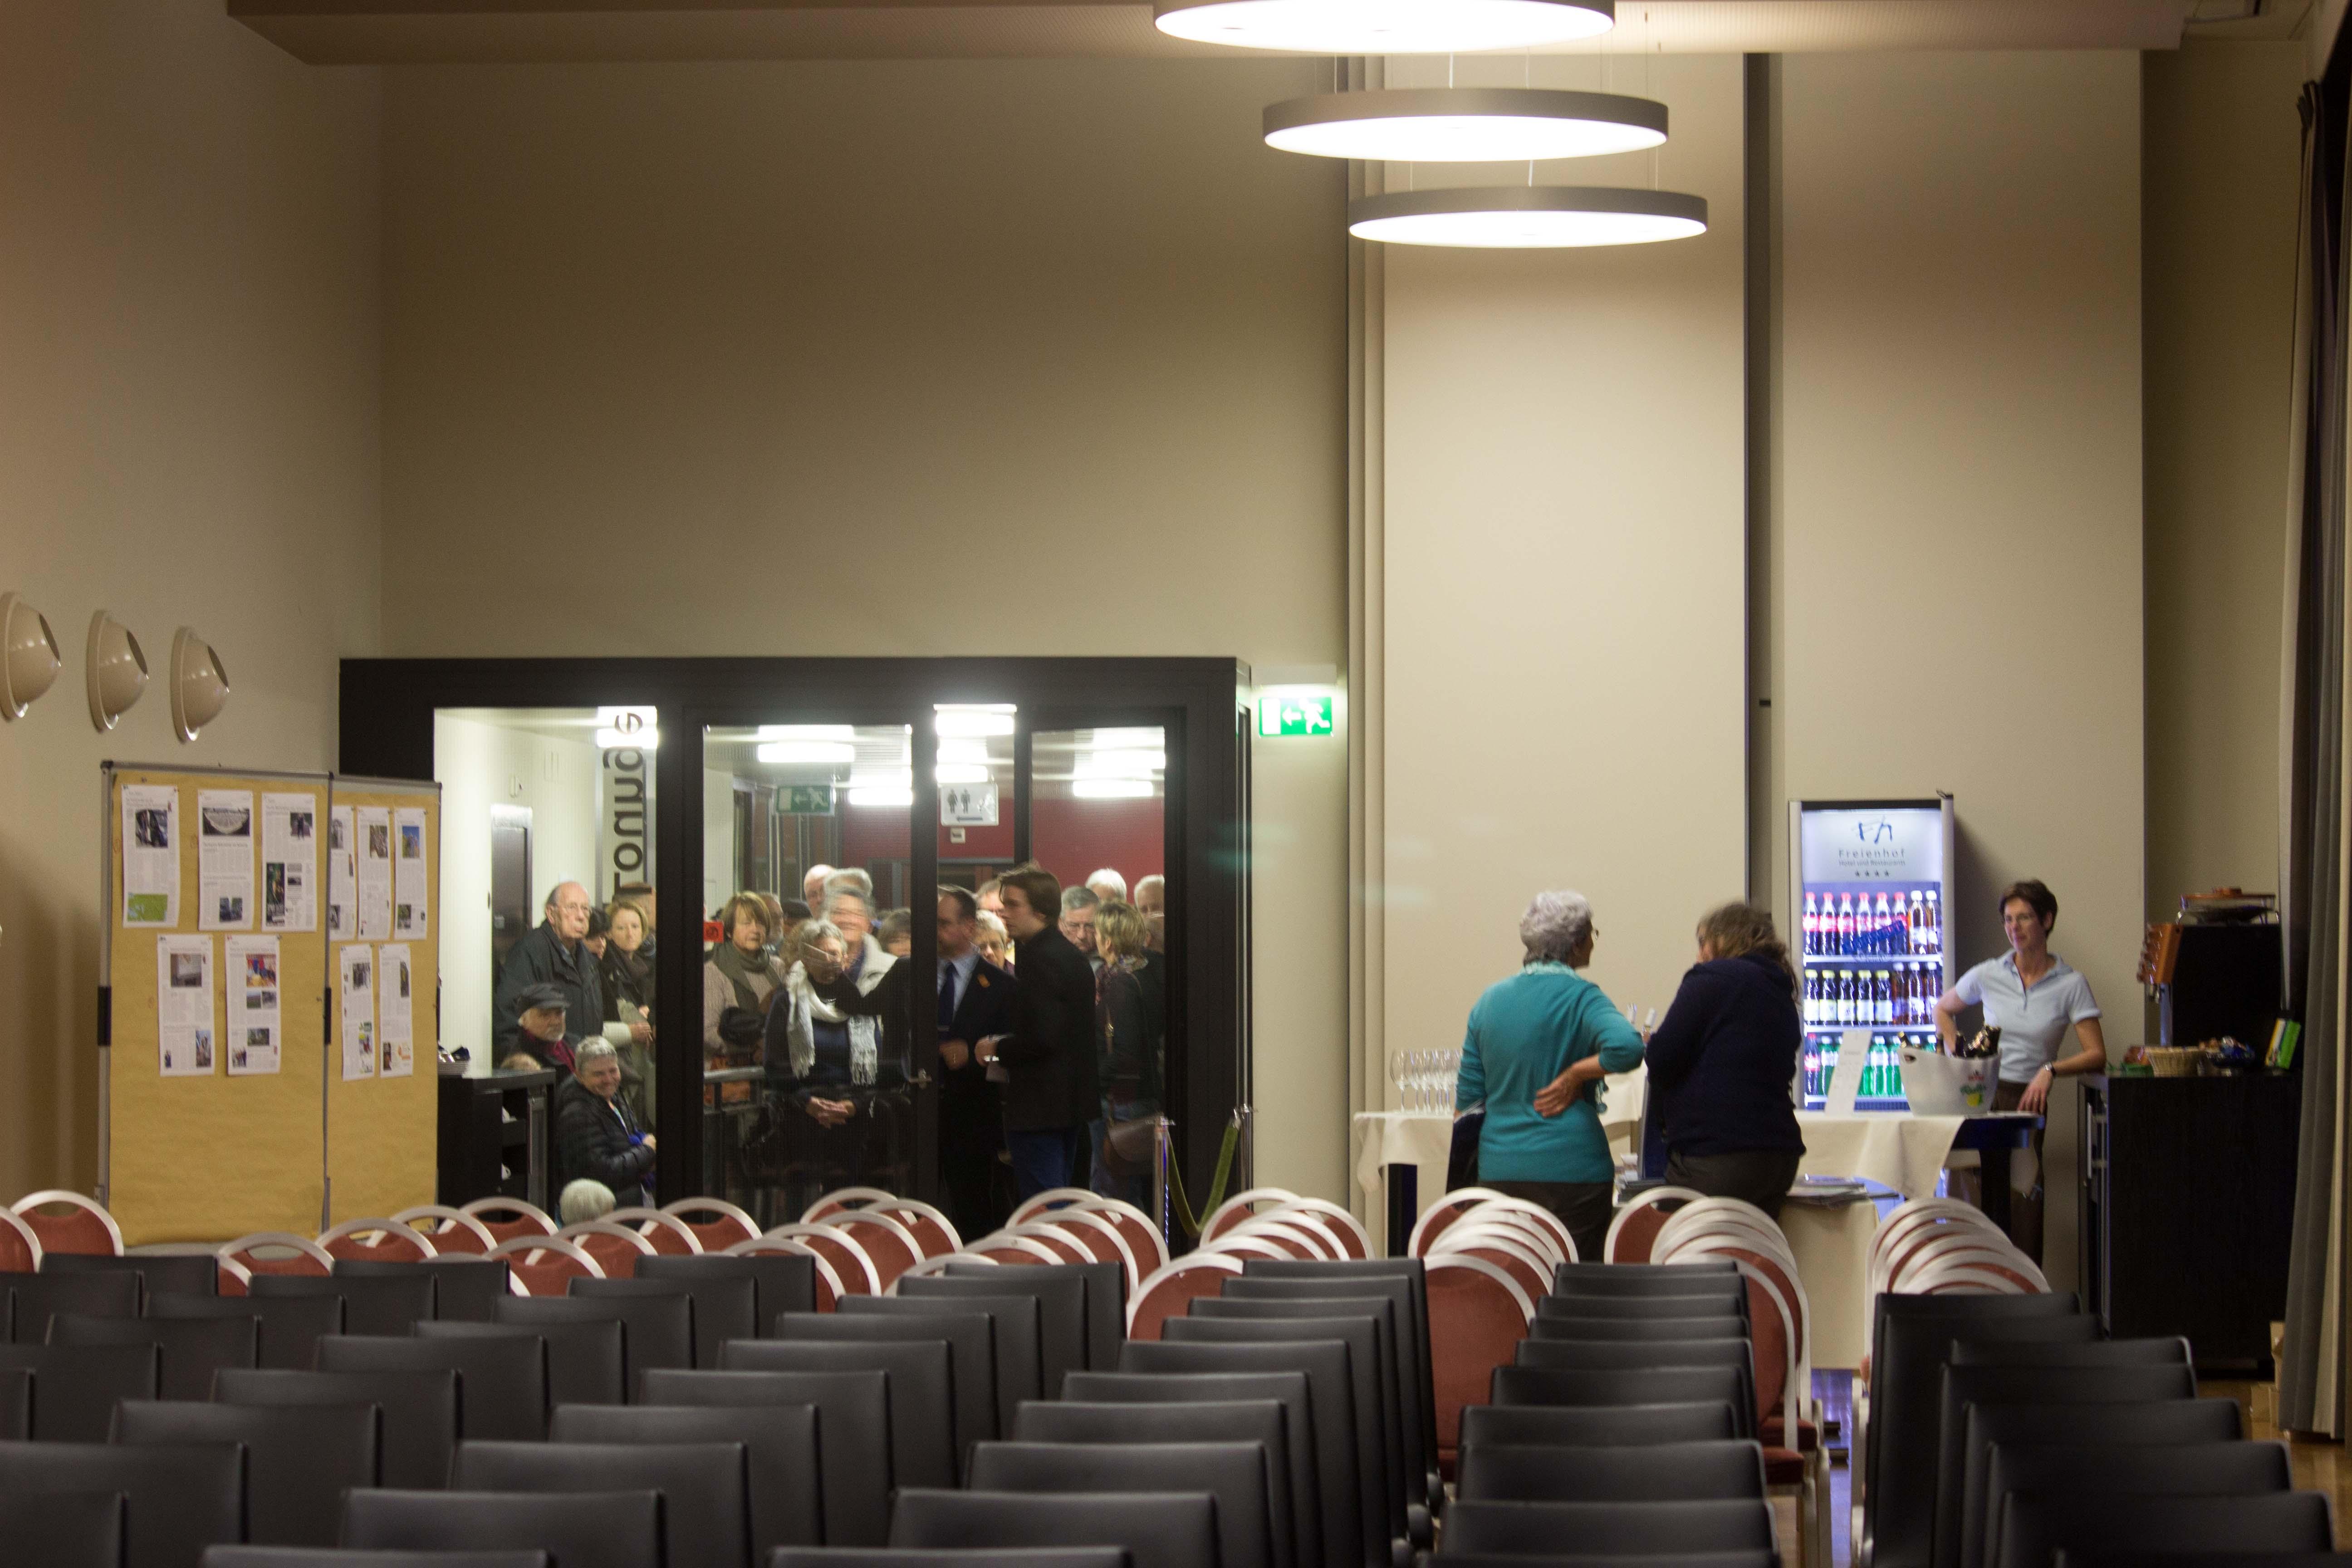 Sekunden vor der Türöffnung – der Saal noch leer. – Bild: Mariëlle Schlunegger